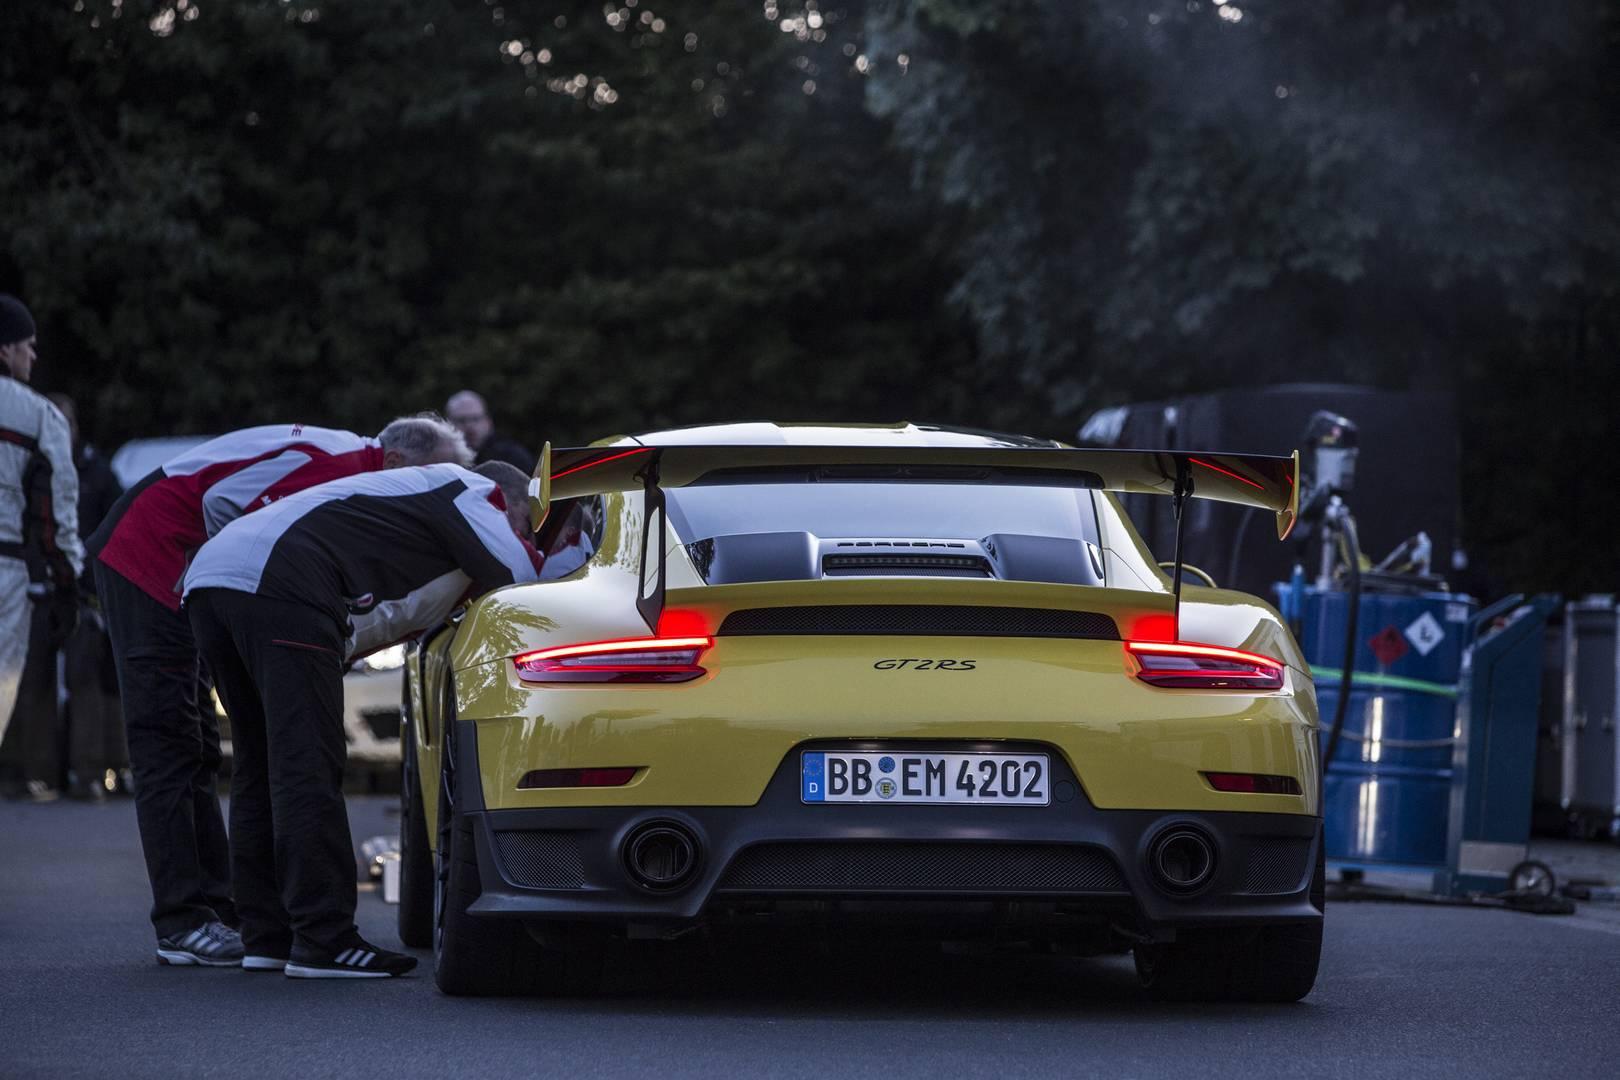 2018 Porsche 911 GT2 RS является новым королем кольца после того, как 20 сентября Porsche установил рекорд в 6 минут 47,3 секунды.